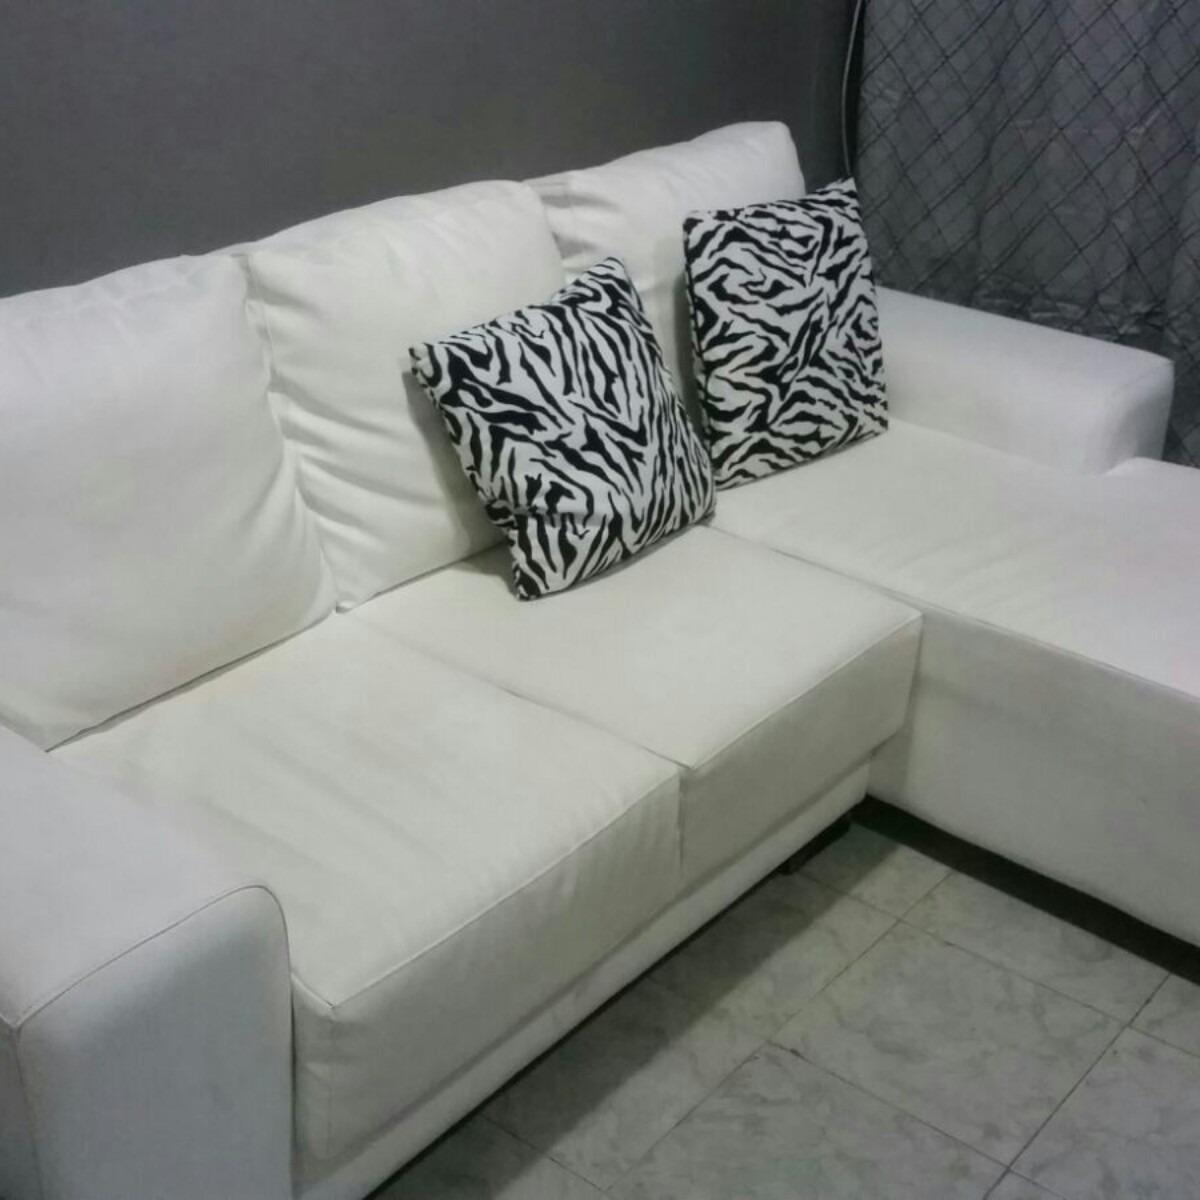 Tapizado para muebles del hogar en cuero tela o bipiel - Tapizados para muebles ...